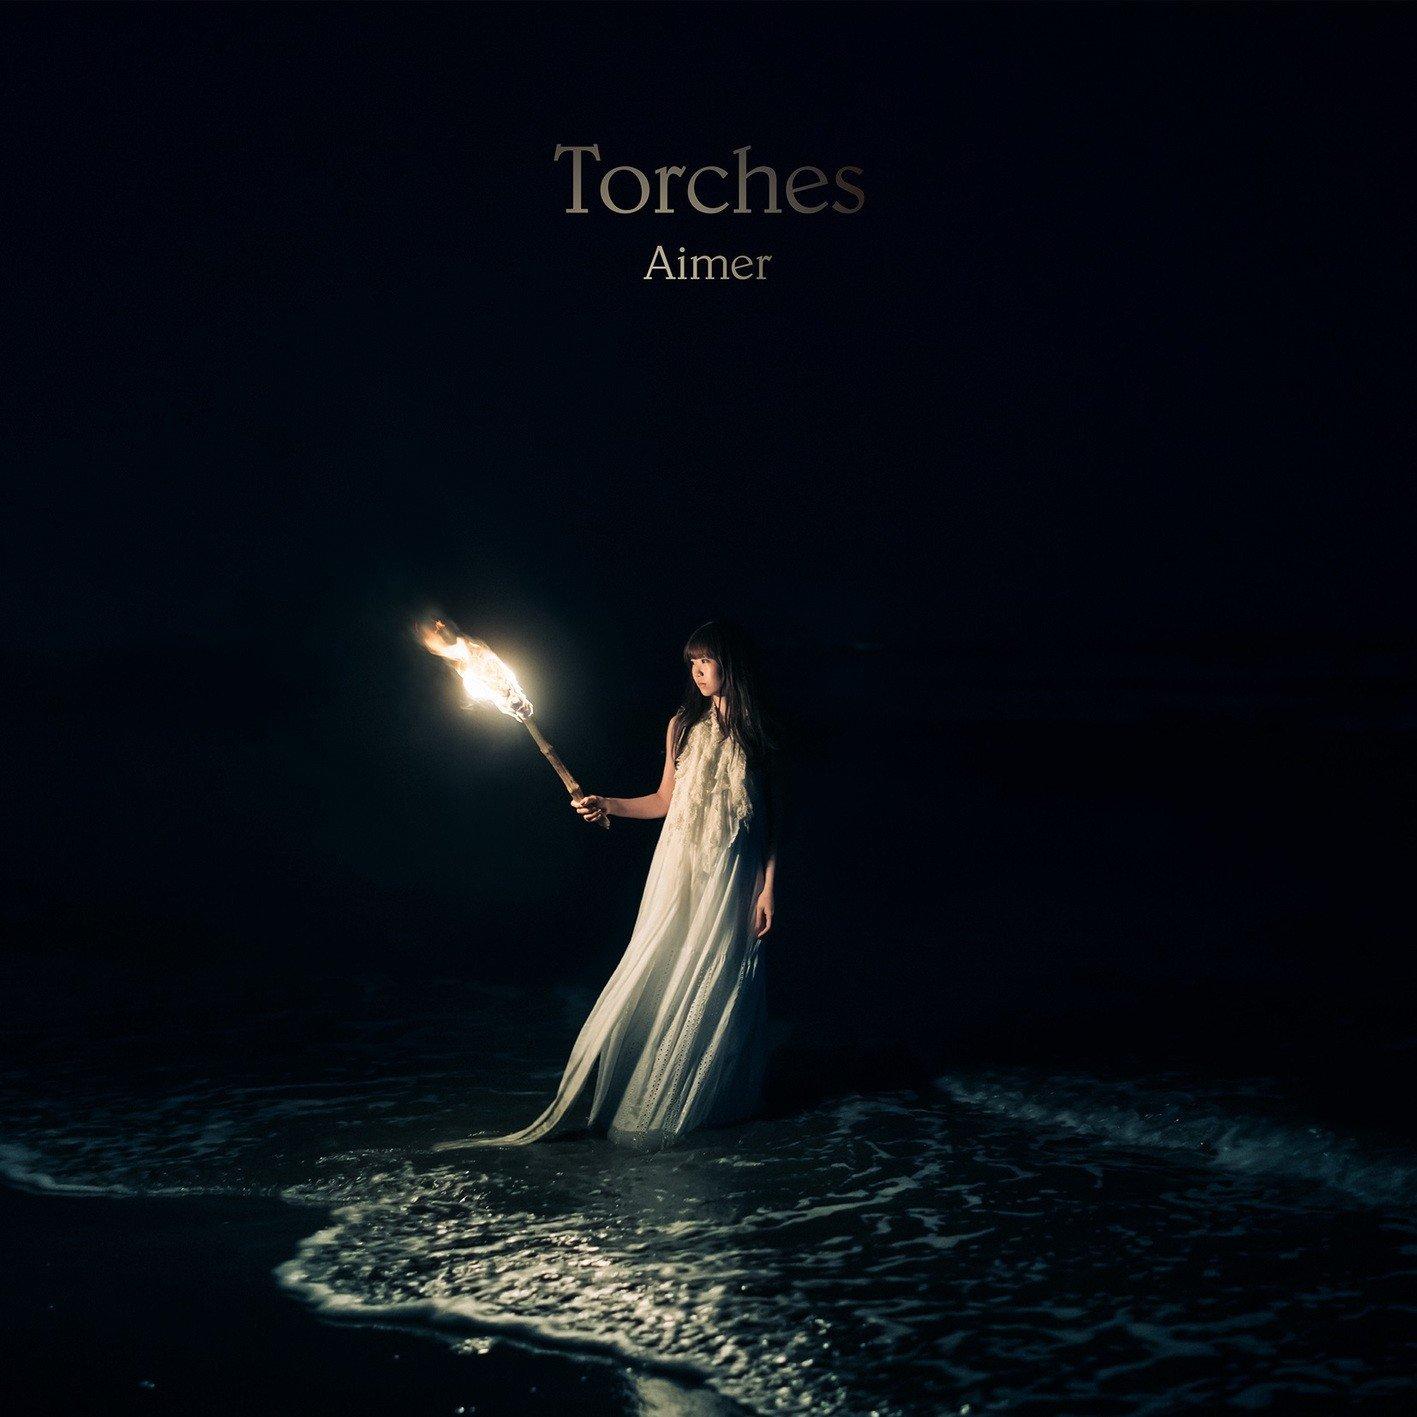 Aimer – Torches [FLAC + MP3 320 + DVD ISO] [2019.08.14]